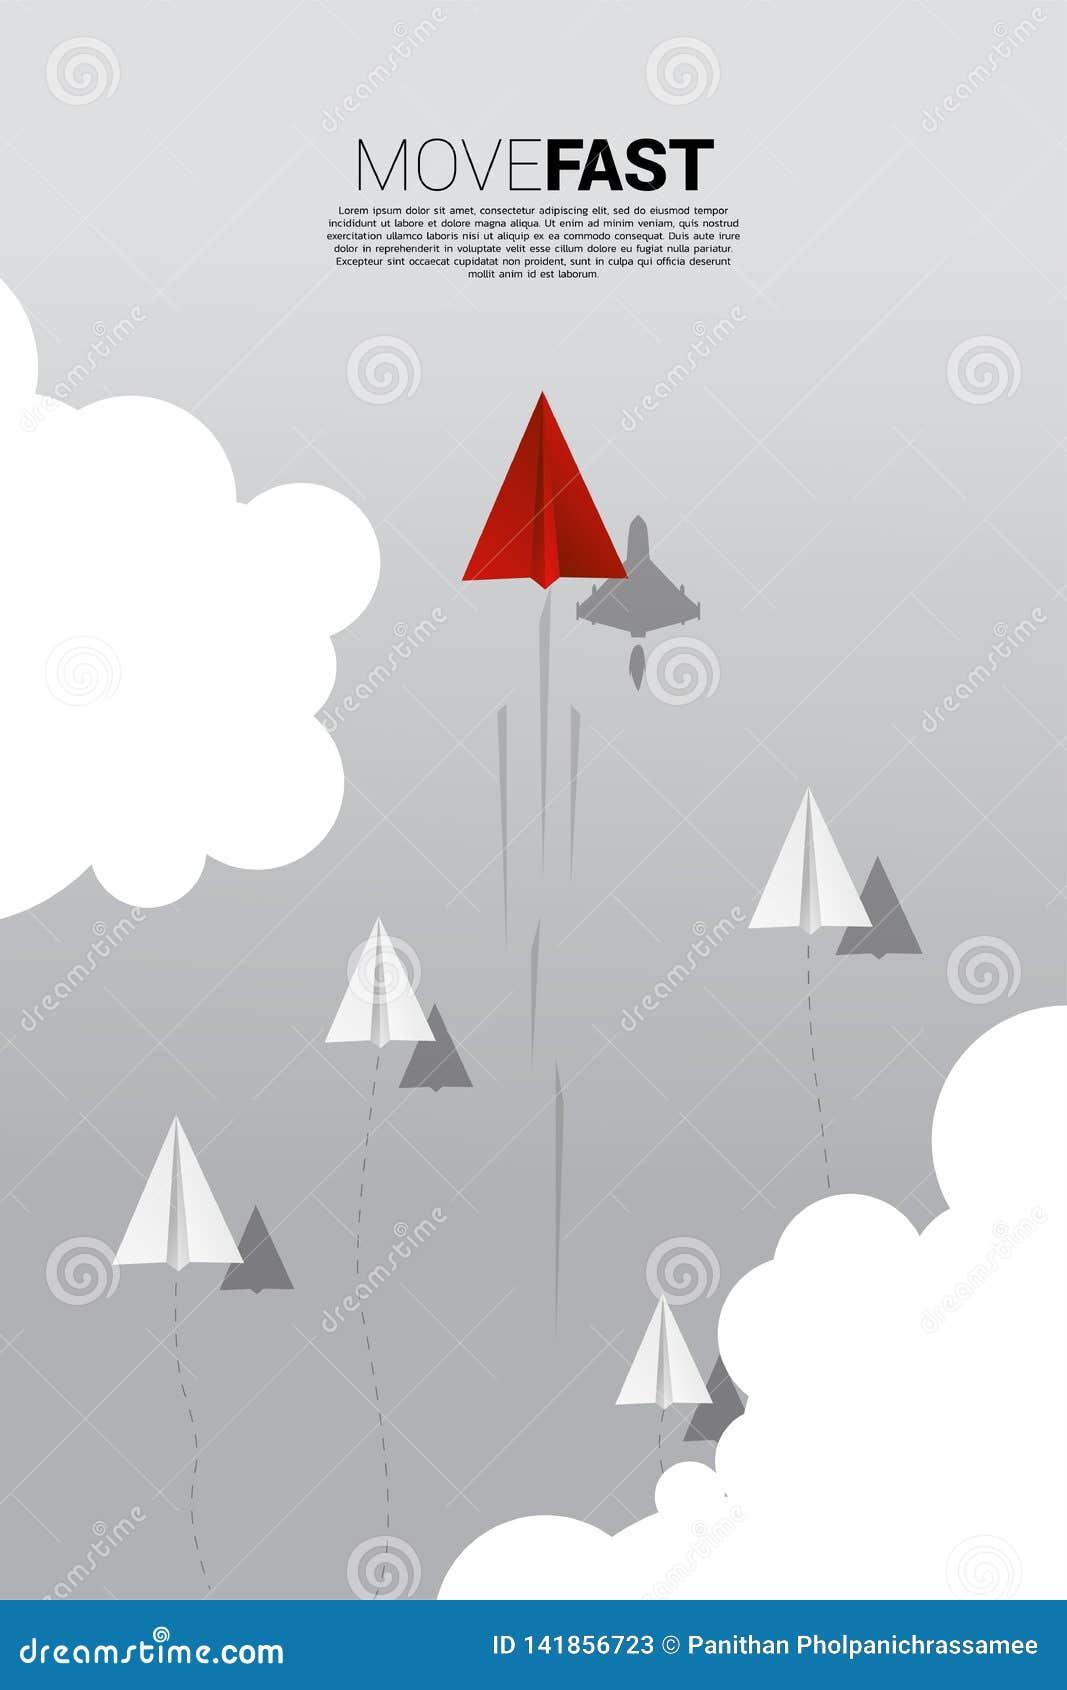 Det röda origamipappersflygplanet med skugga för kämpenivån är flyttningen som är snabbare än gruppen av vit